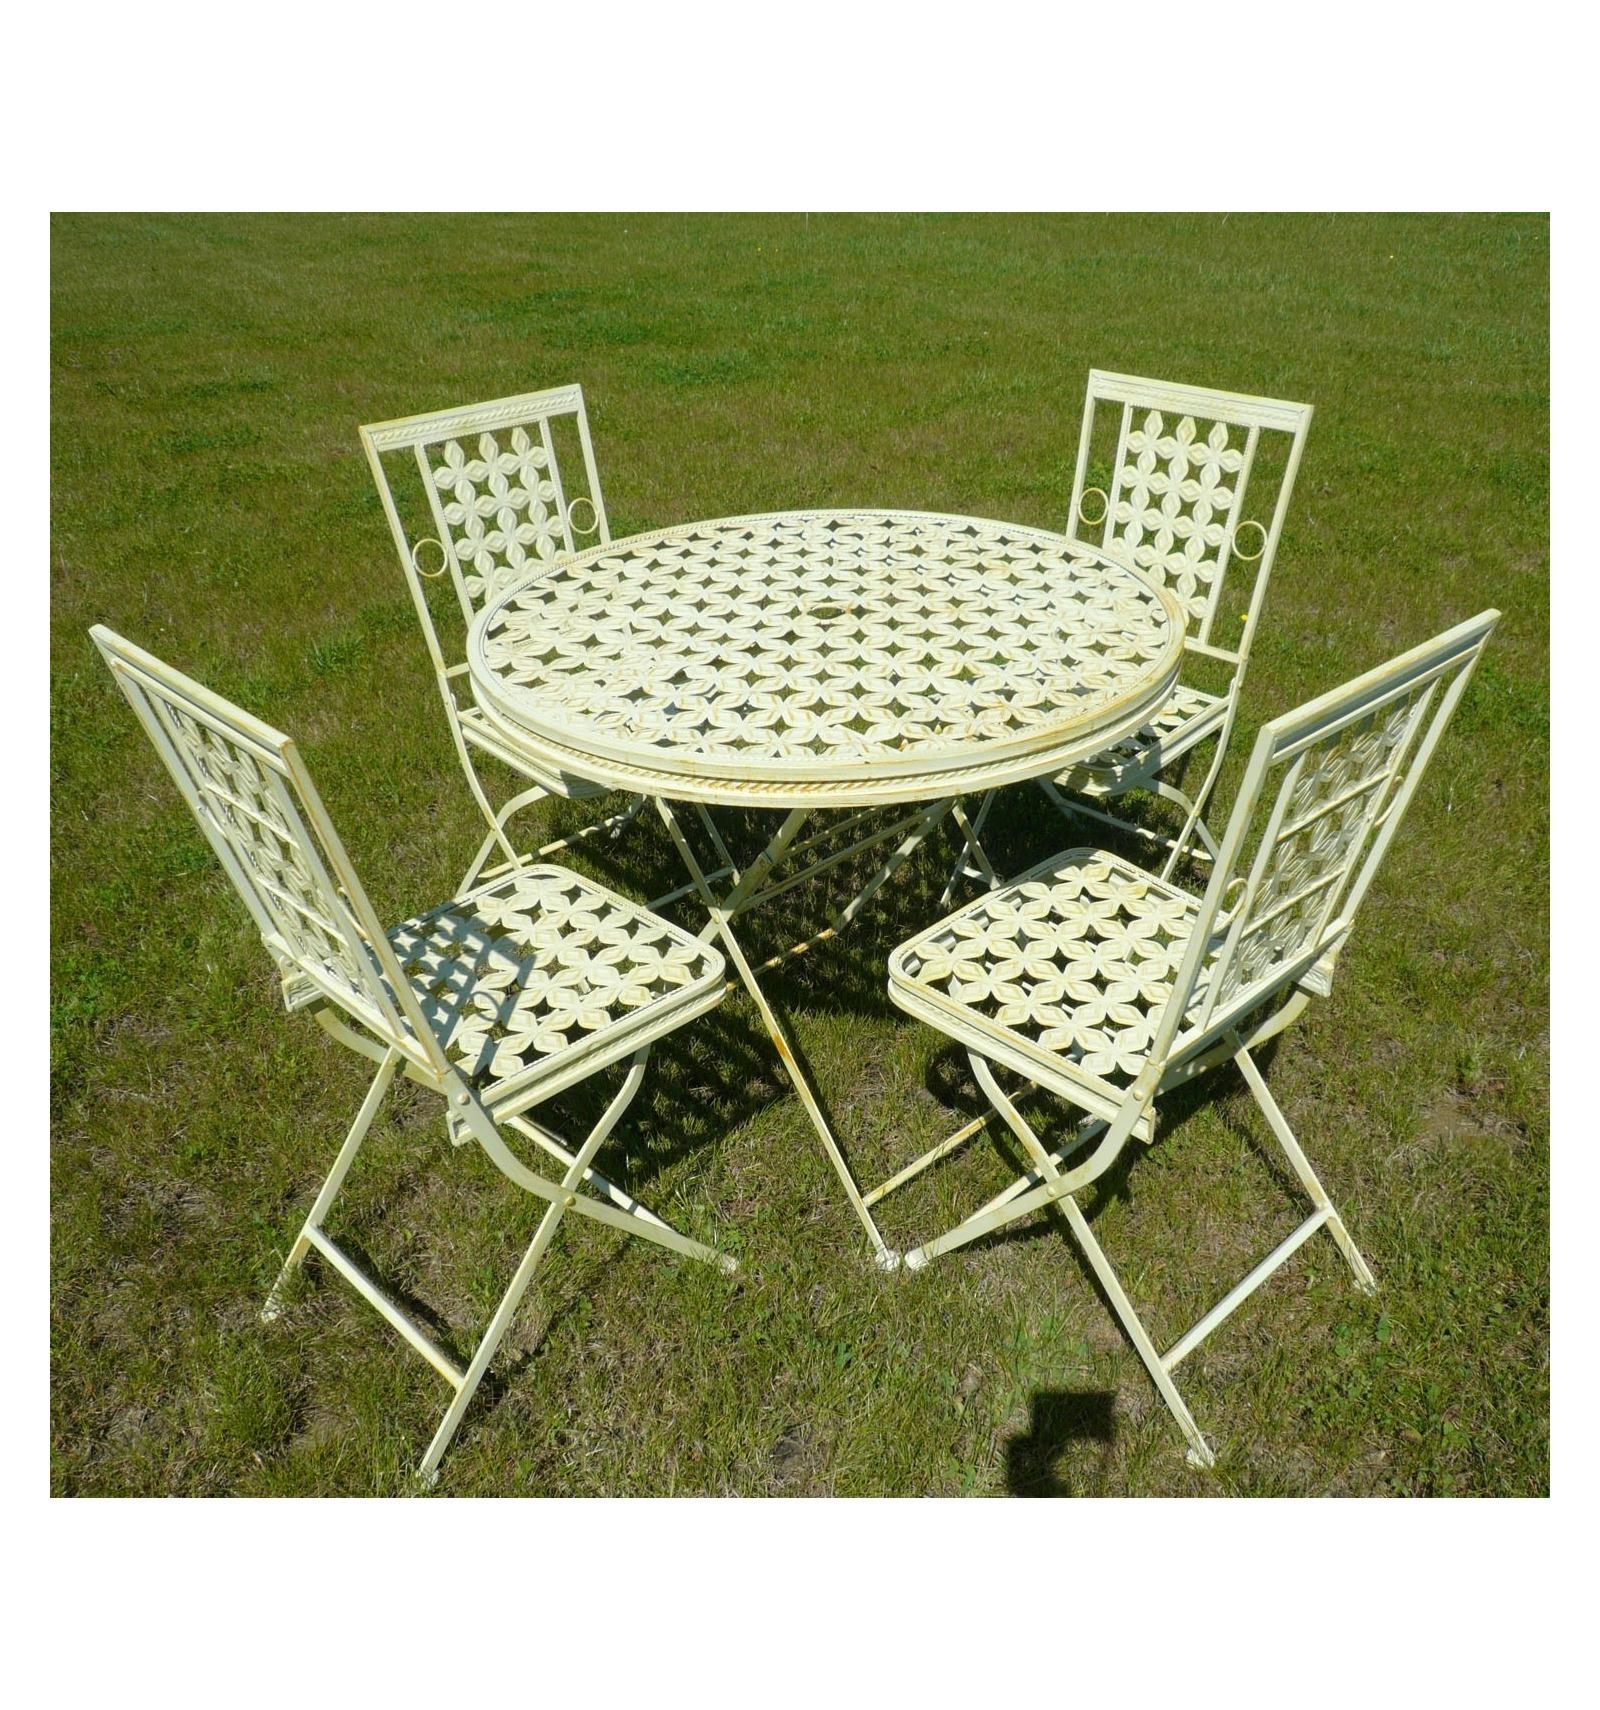 Salon de jardin en fer forgé avec une table ronde et 4 chaises